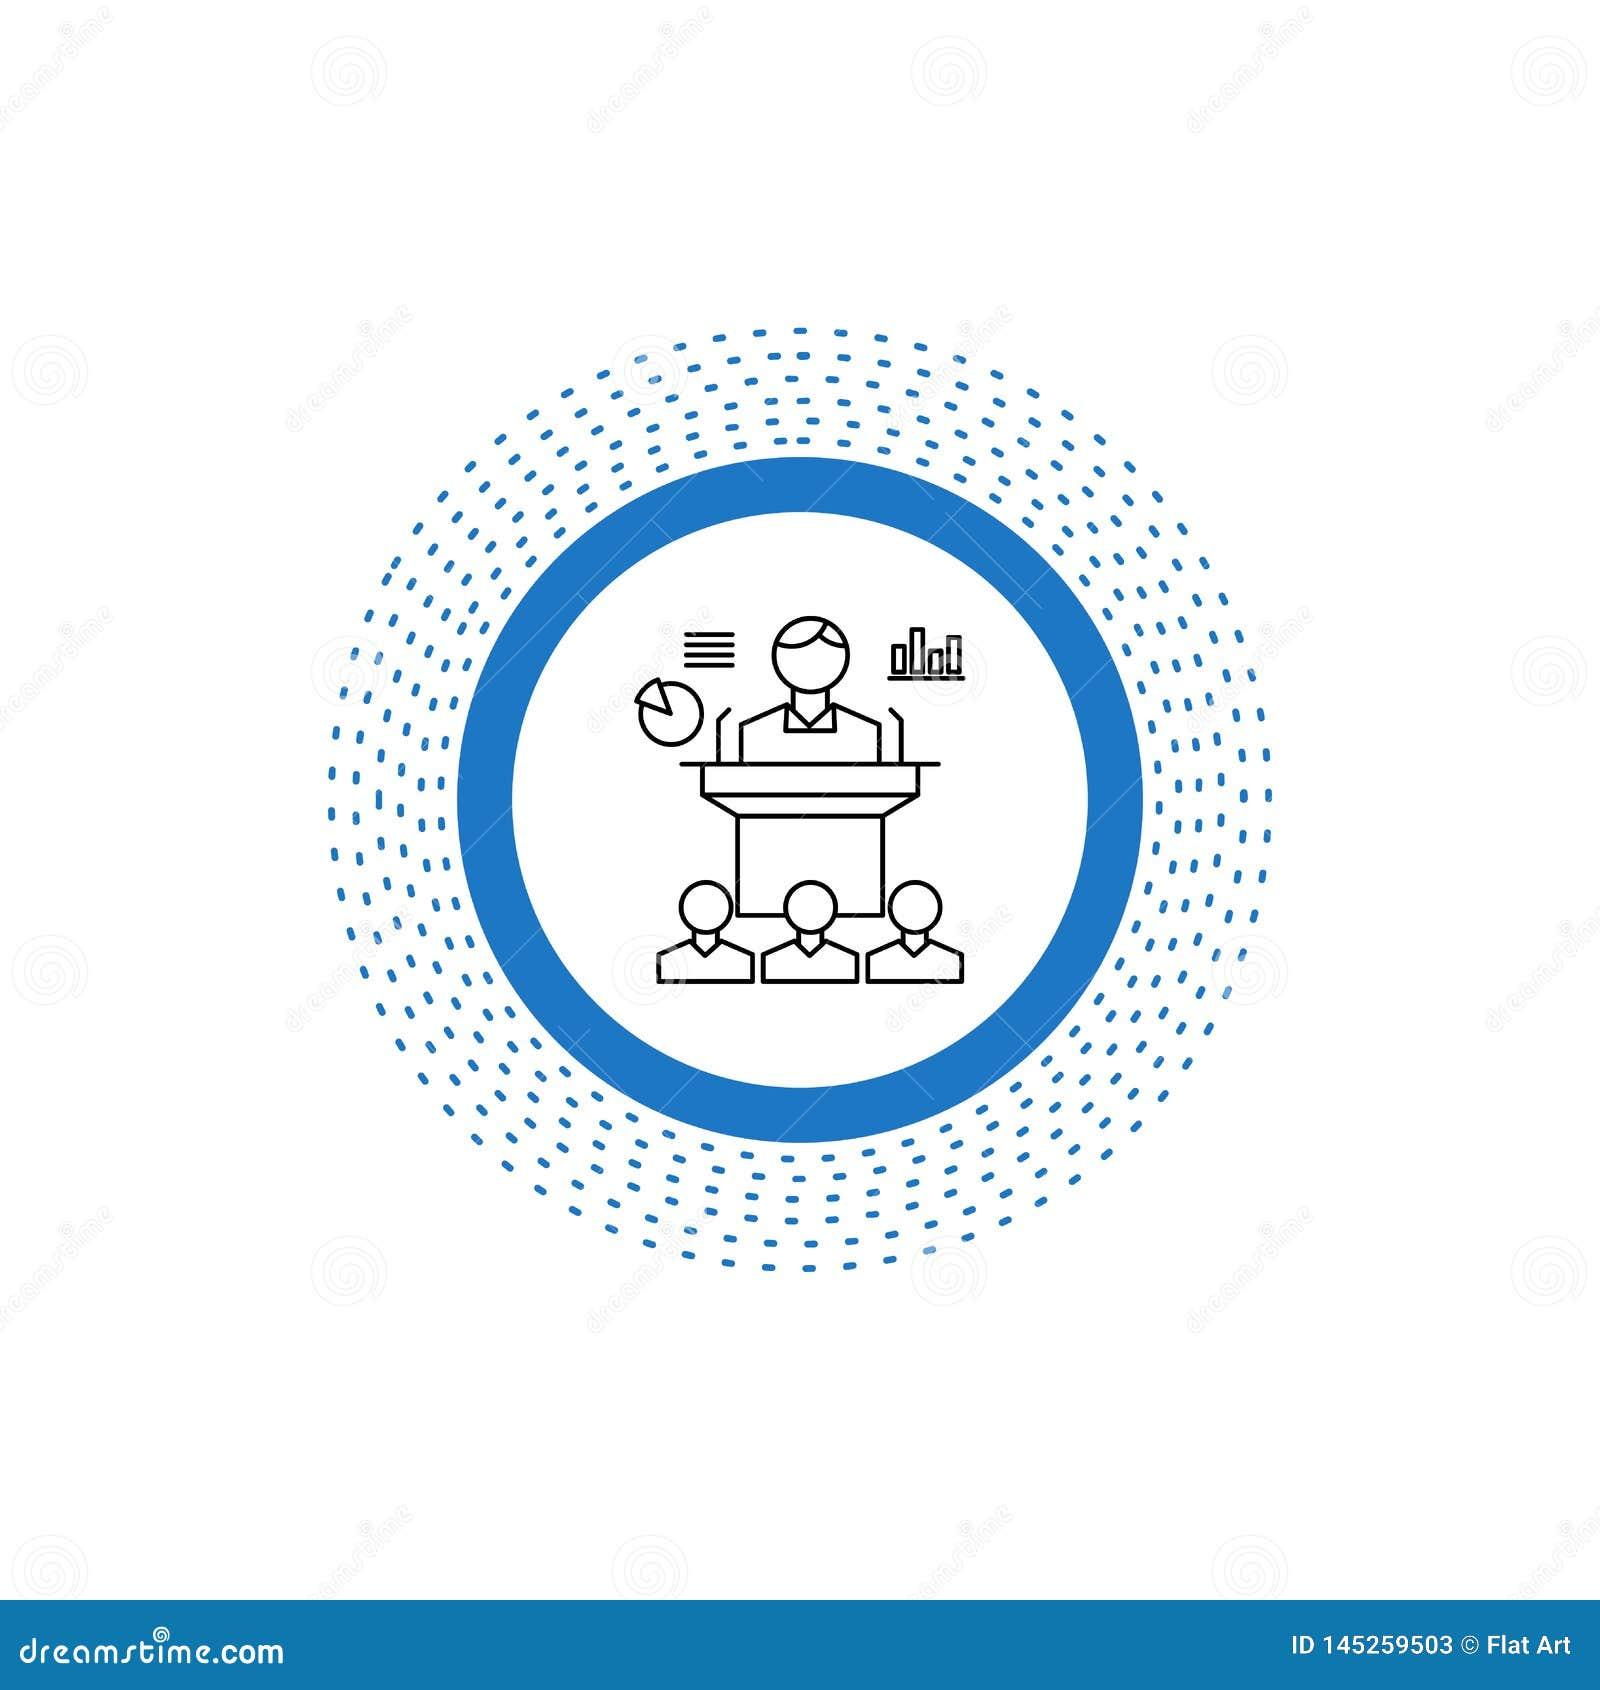 Biznes, konferencja, konwencja, prezentacja, konwersatorium Kreskowa ikona Wektor odosobniona ilustracja